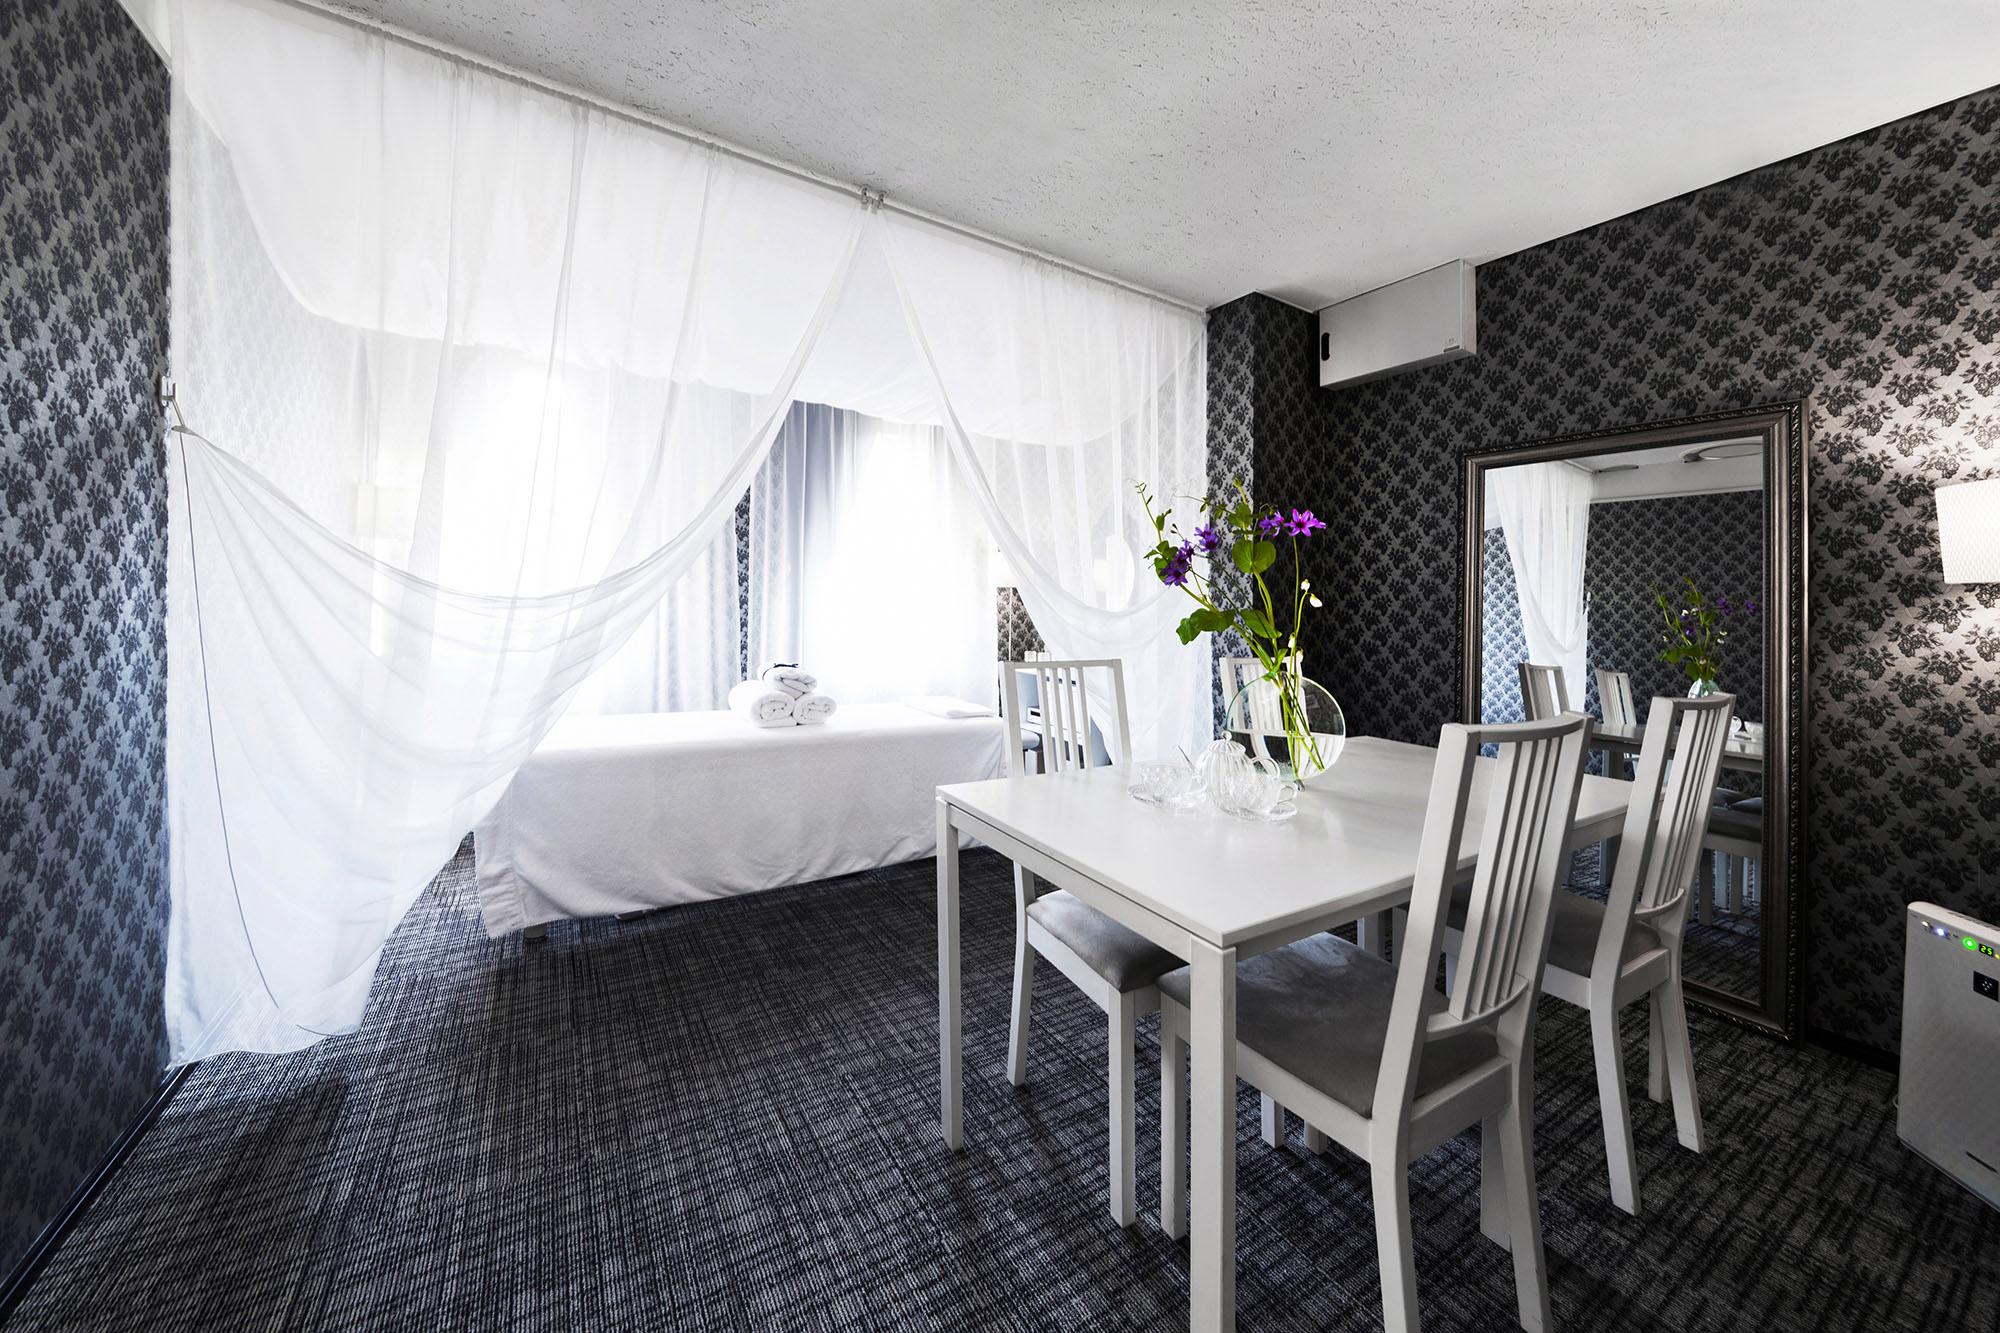 レンタルサロン グラマラスエイチ麻布広尾の高級感溢れる内観と設備でワンランク上のサービスを!